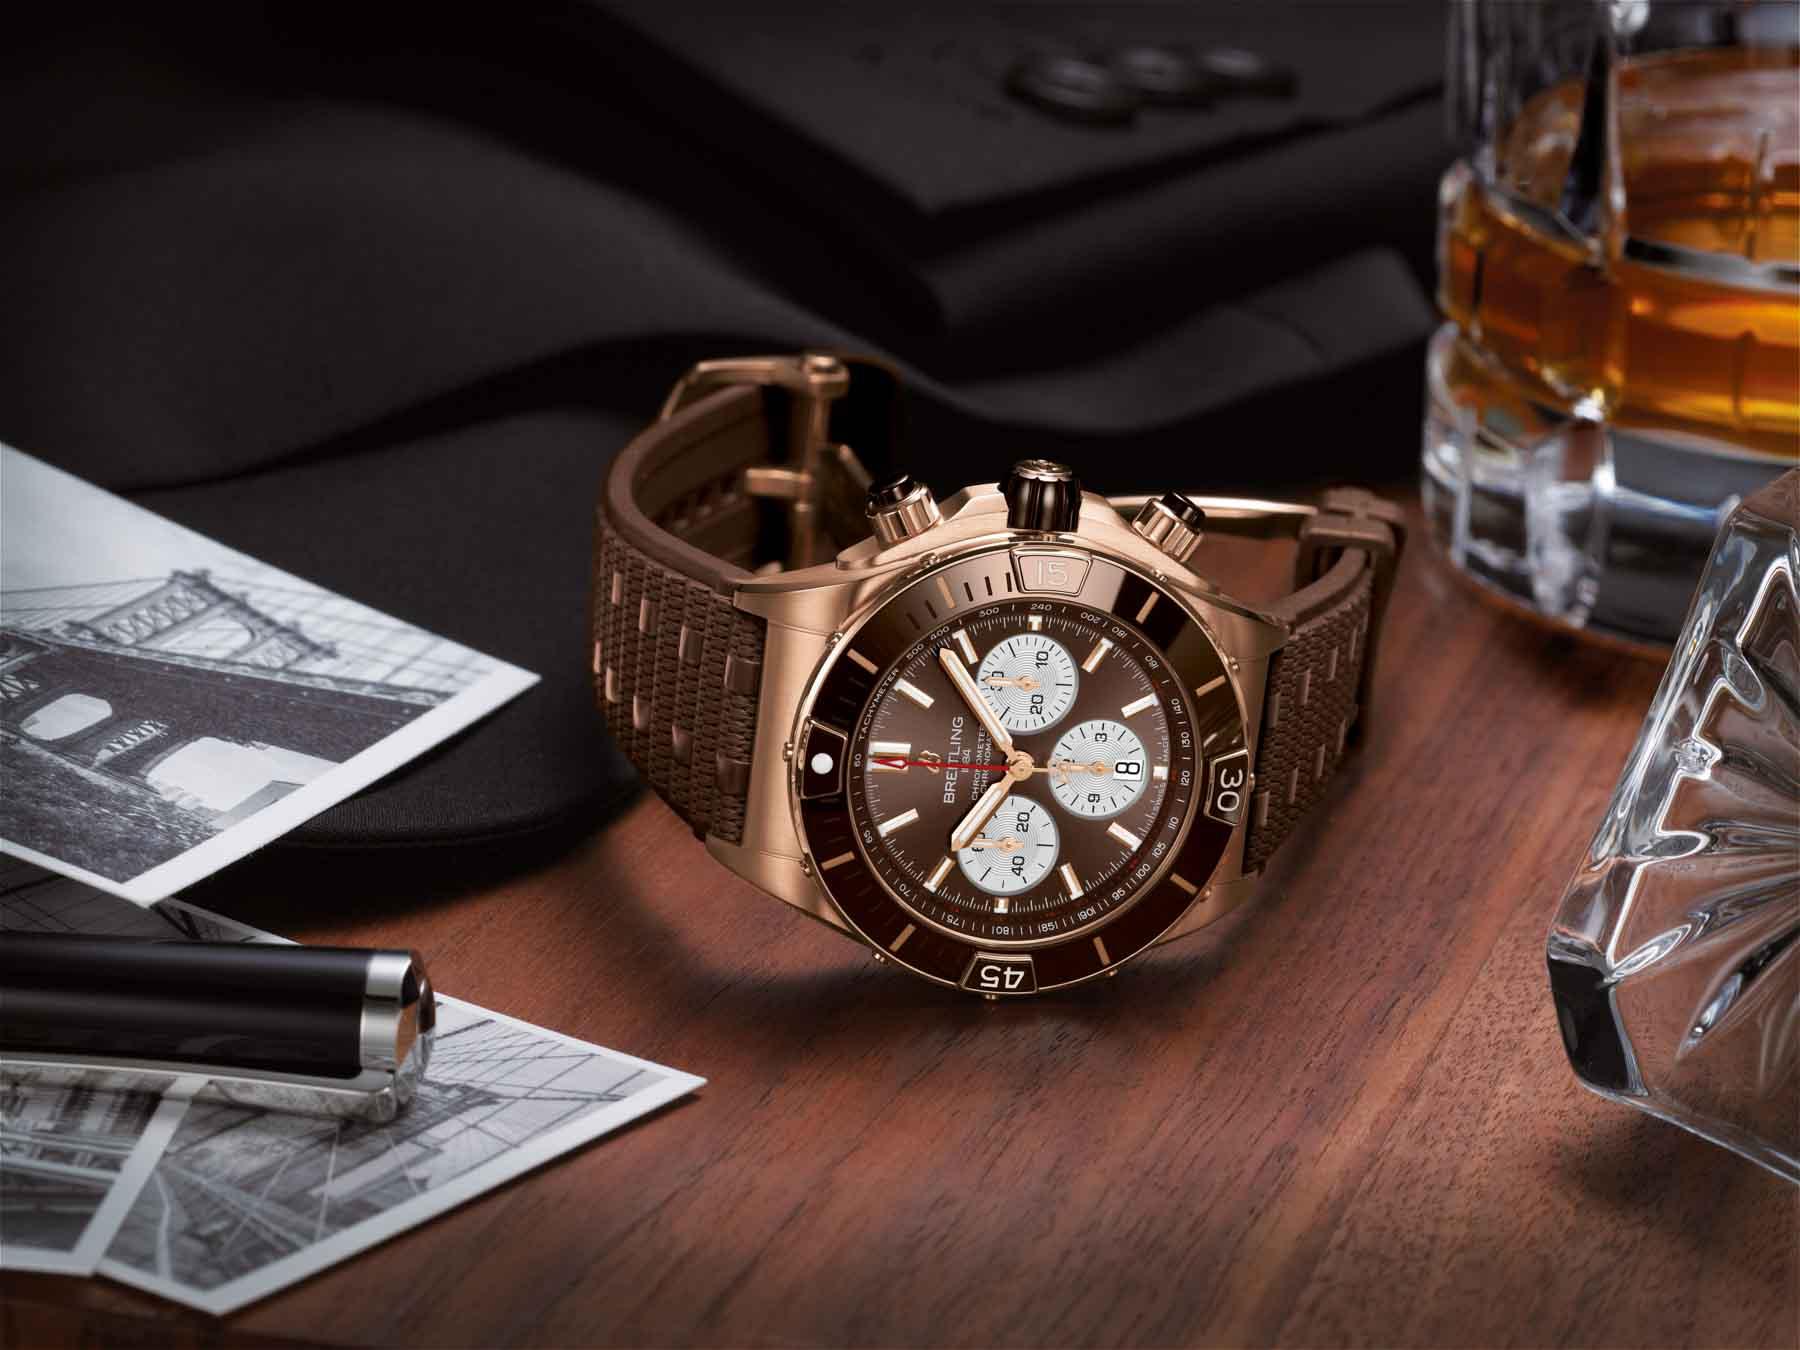 06 Breitling Super Chronomat B01 44 in 18 k red gold Ref. RB0136E31Q1S1 print use 1